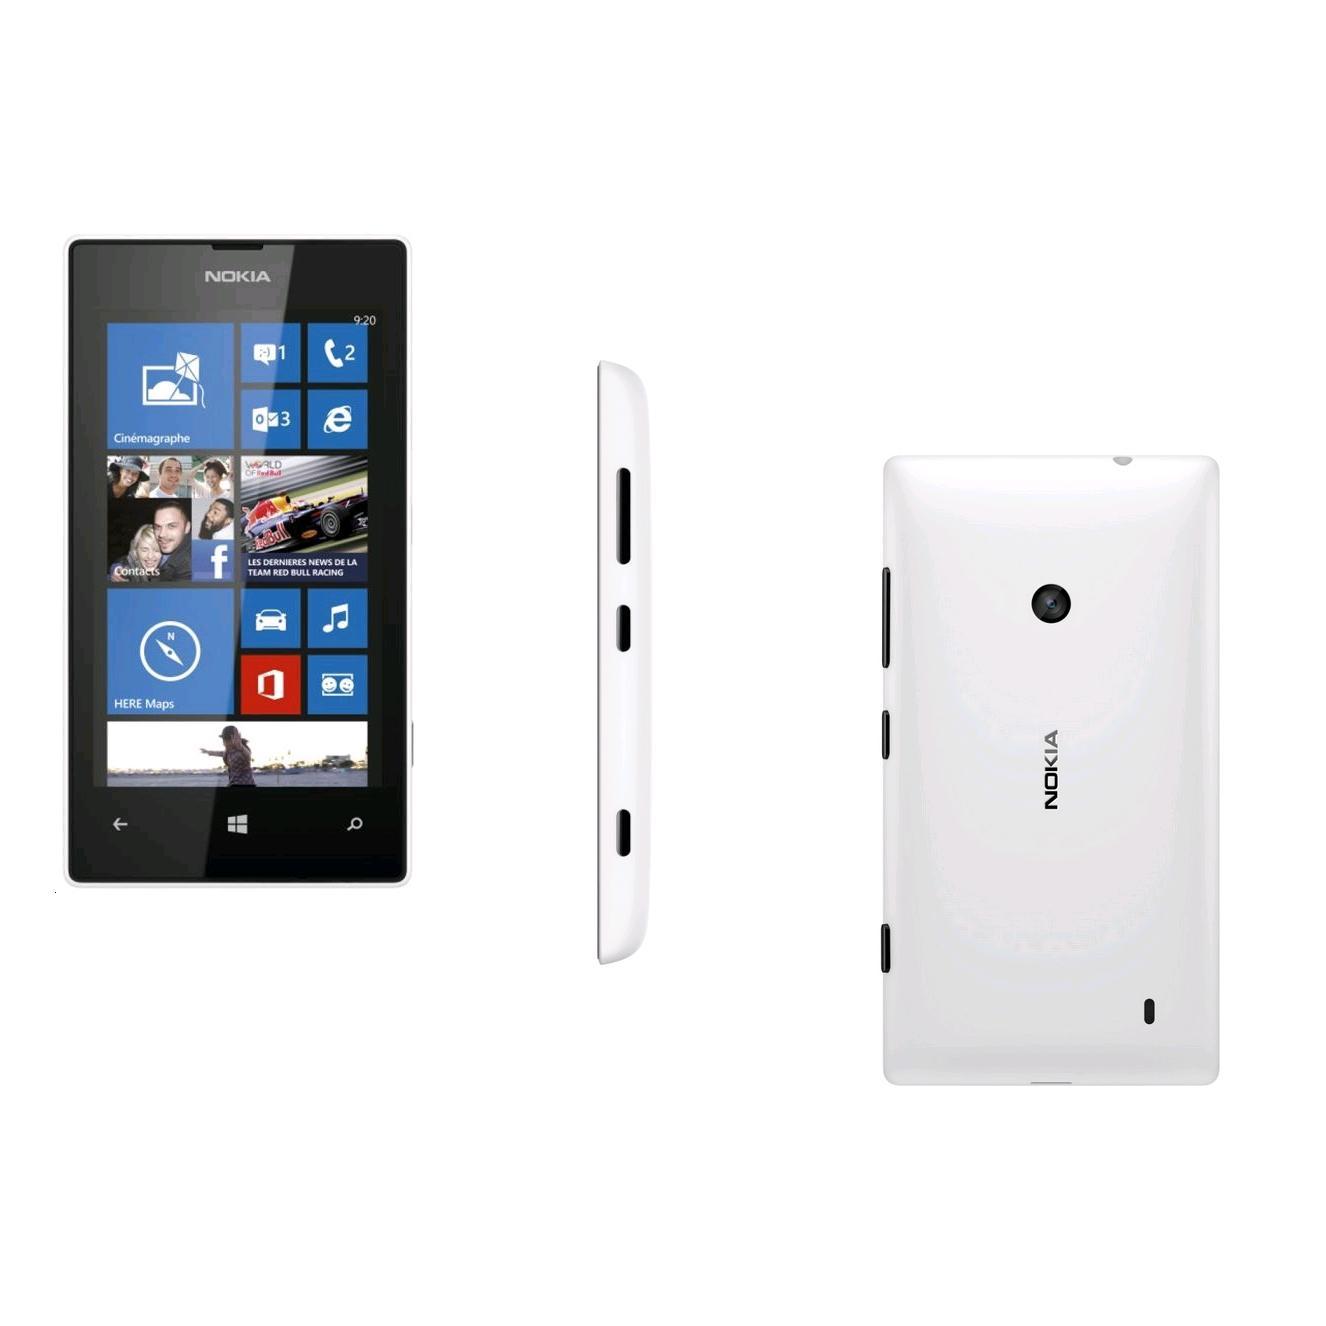 Nokia Lumia 520 8 Go - Blanc - Bouygues